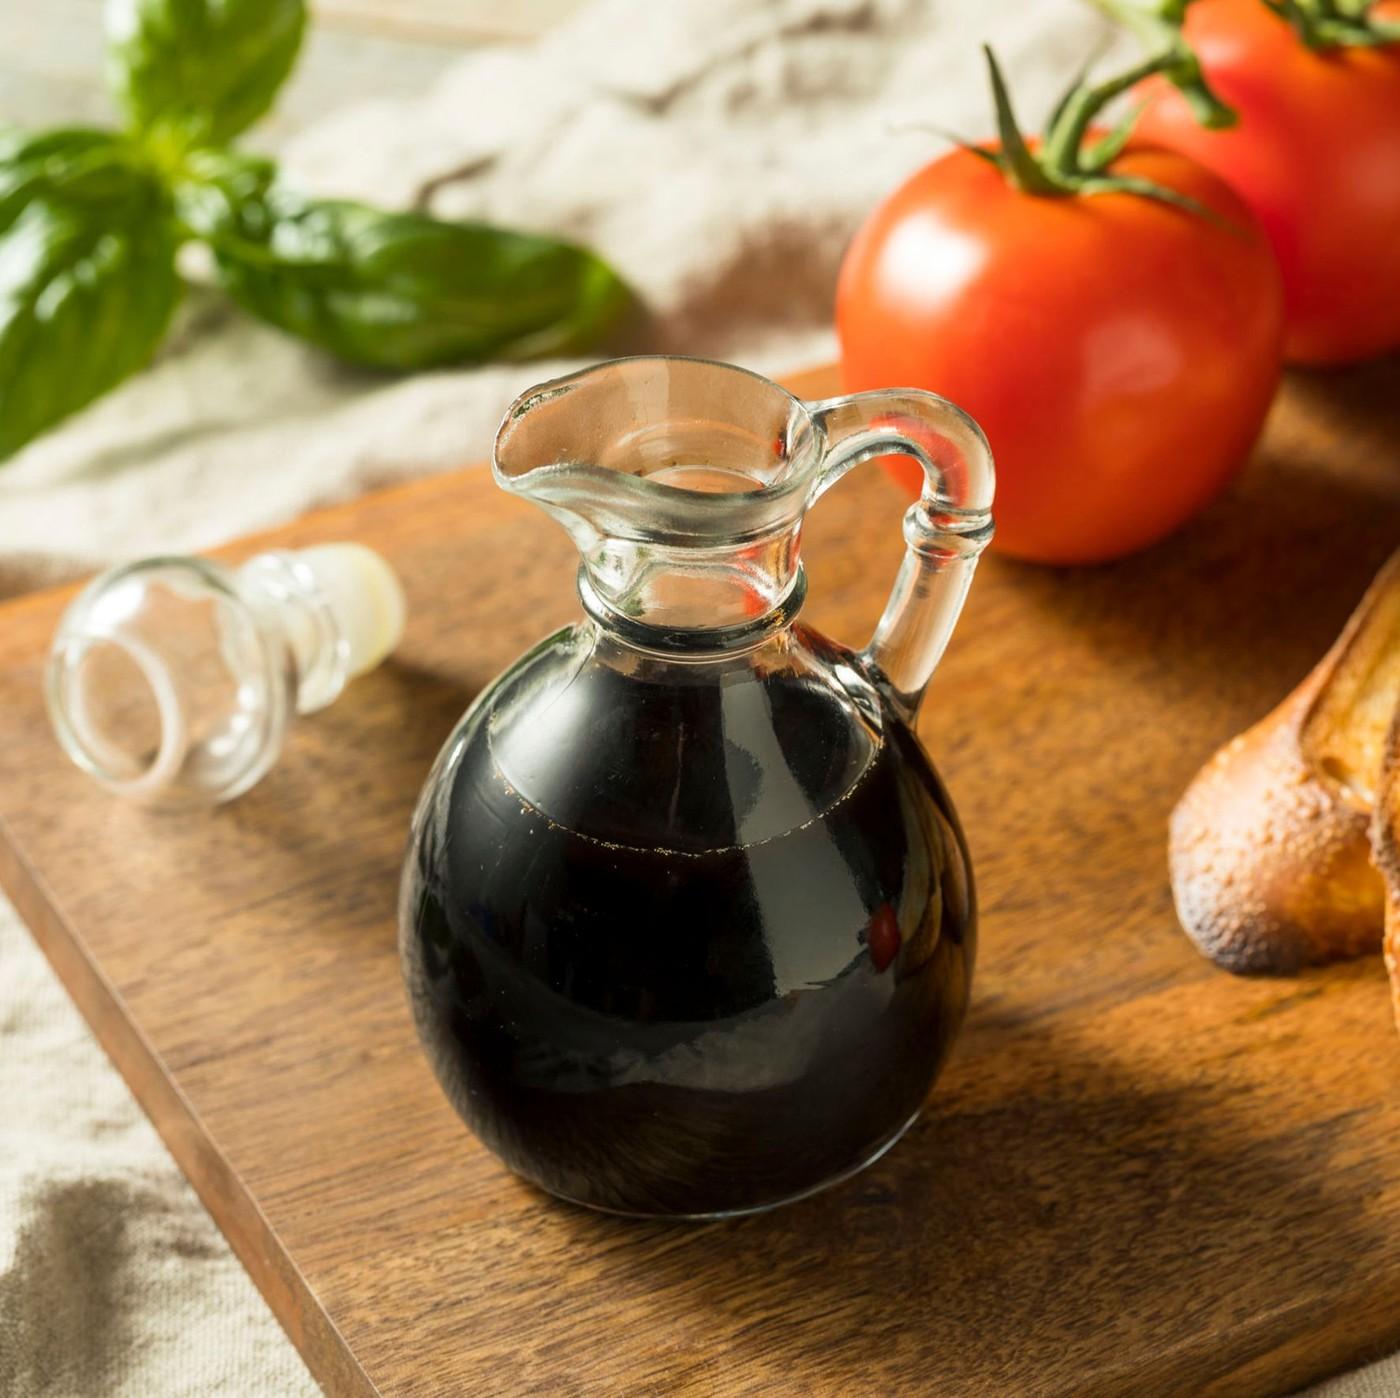 receta de Vinagre Balsámico De Modena I.g.p. Monodosis